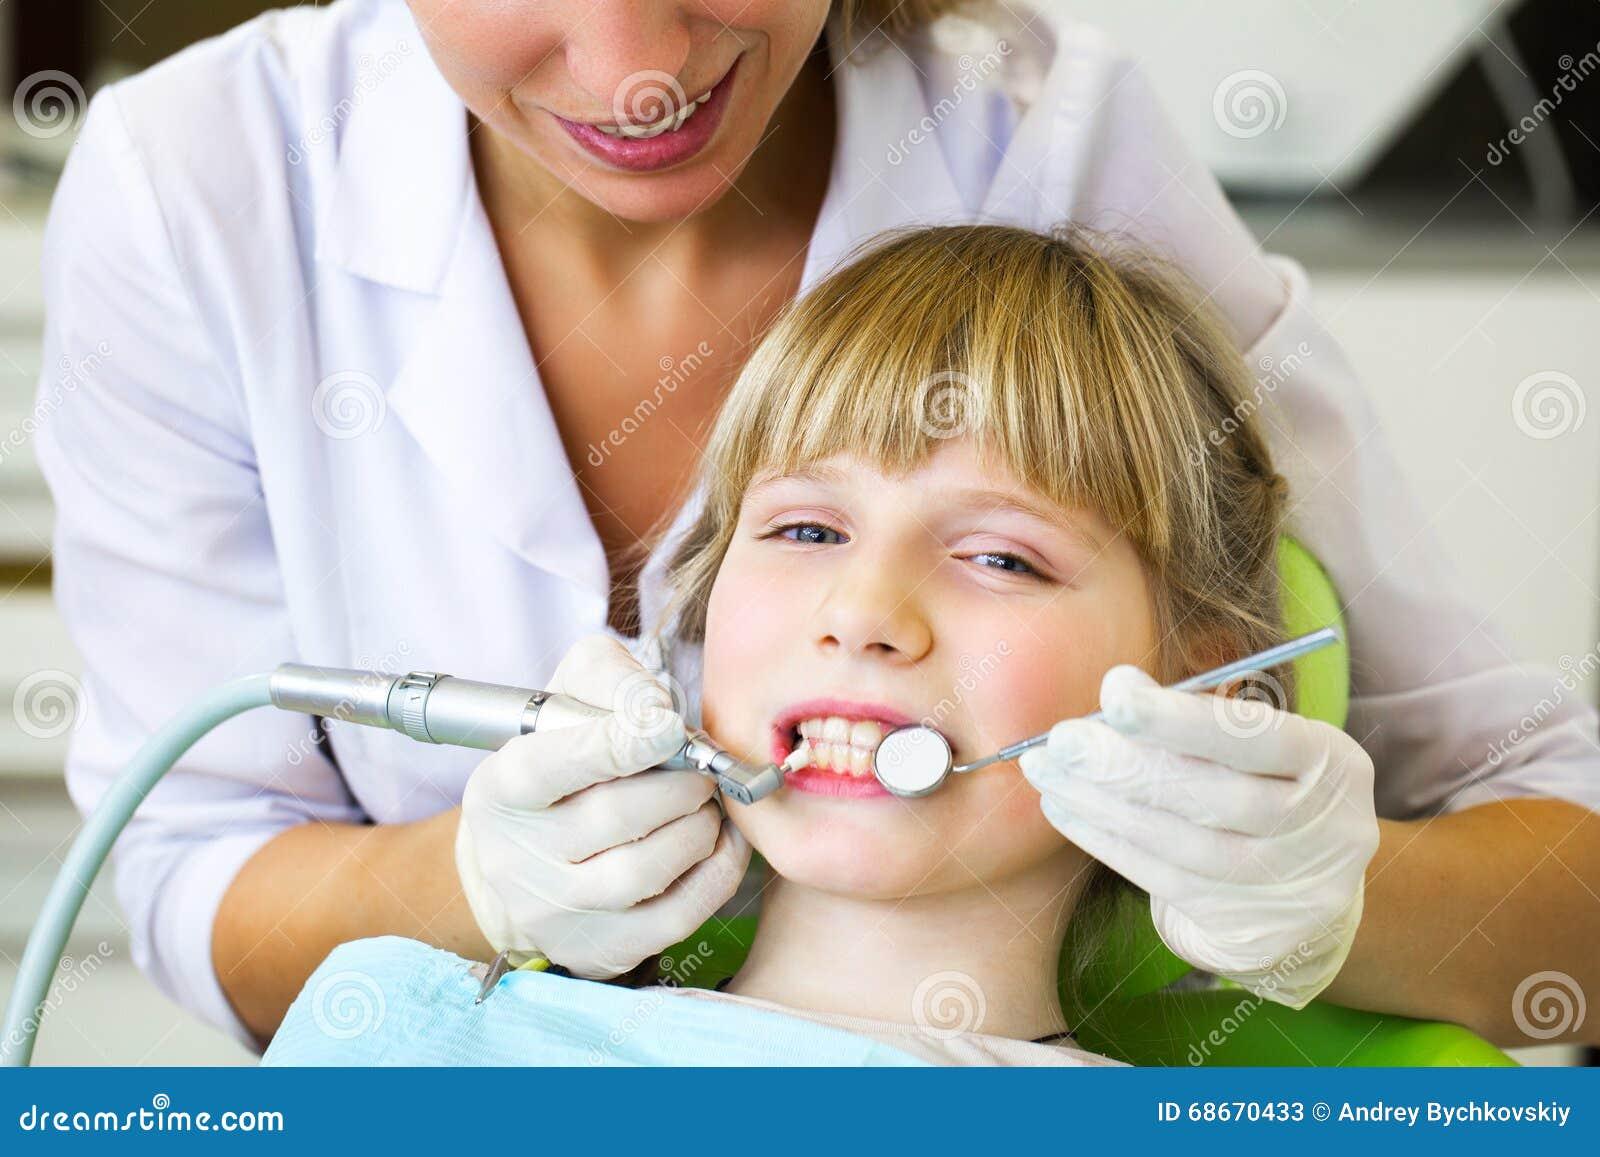 Kind bei Empfang an der Zahnarztaufnahme am dentistClose herauf Porträt eines kleinen lächelnden Mädchens am Zahnarzt